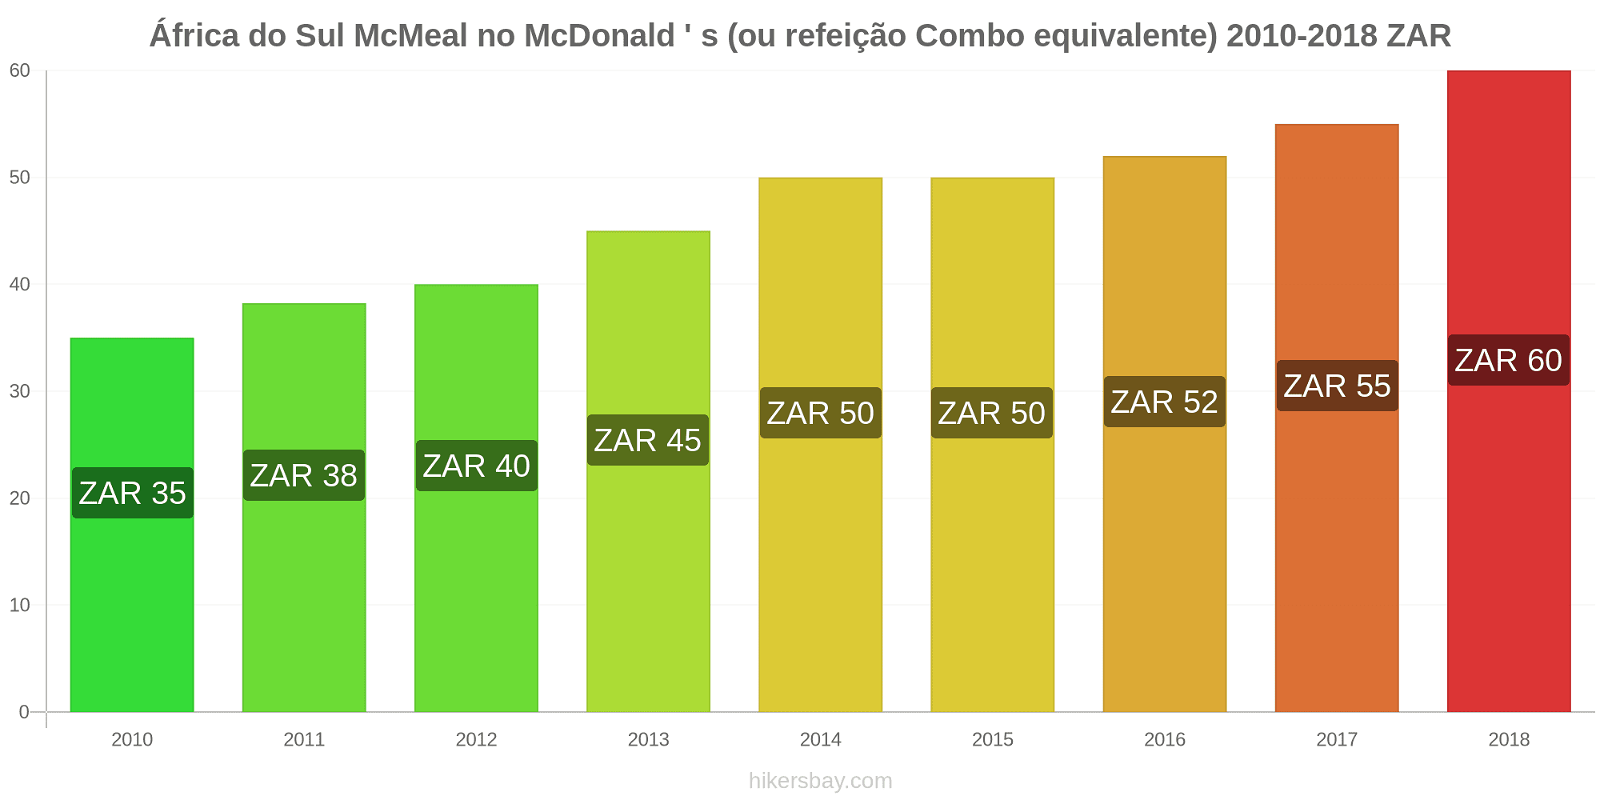 África do Sul variação de preço McMeal no McDonald ' s (ou refeição Combo equivalente) hikersbay.com